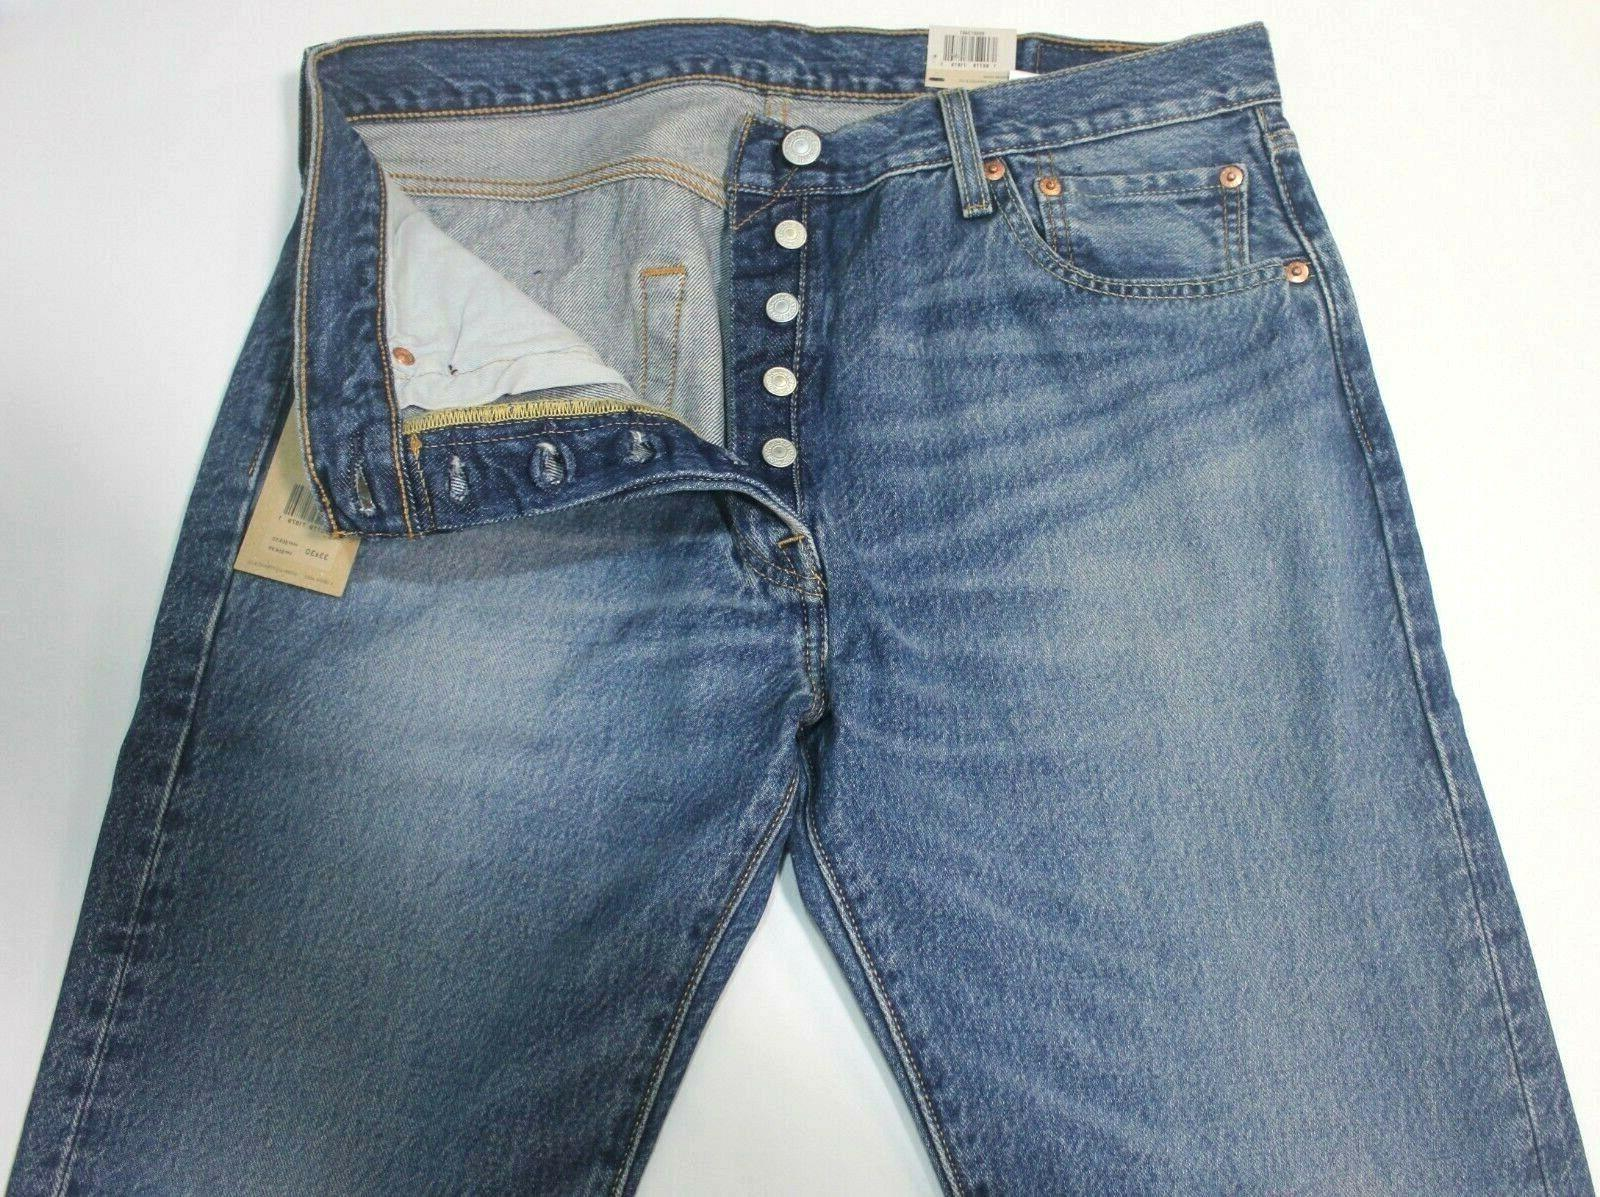 Men's Levi's 501 Medium Leg Fly Jeans